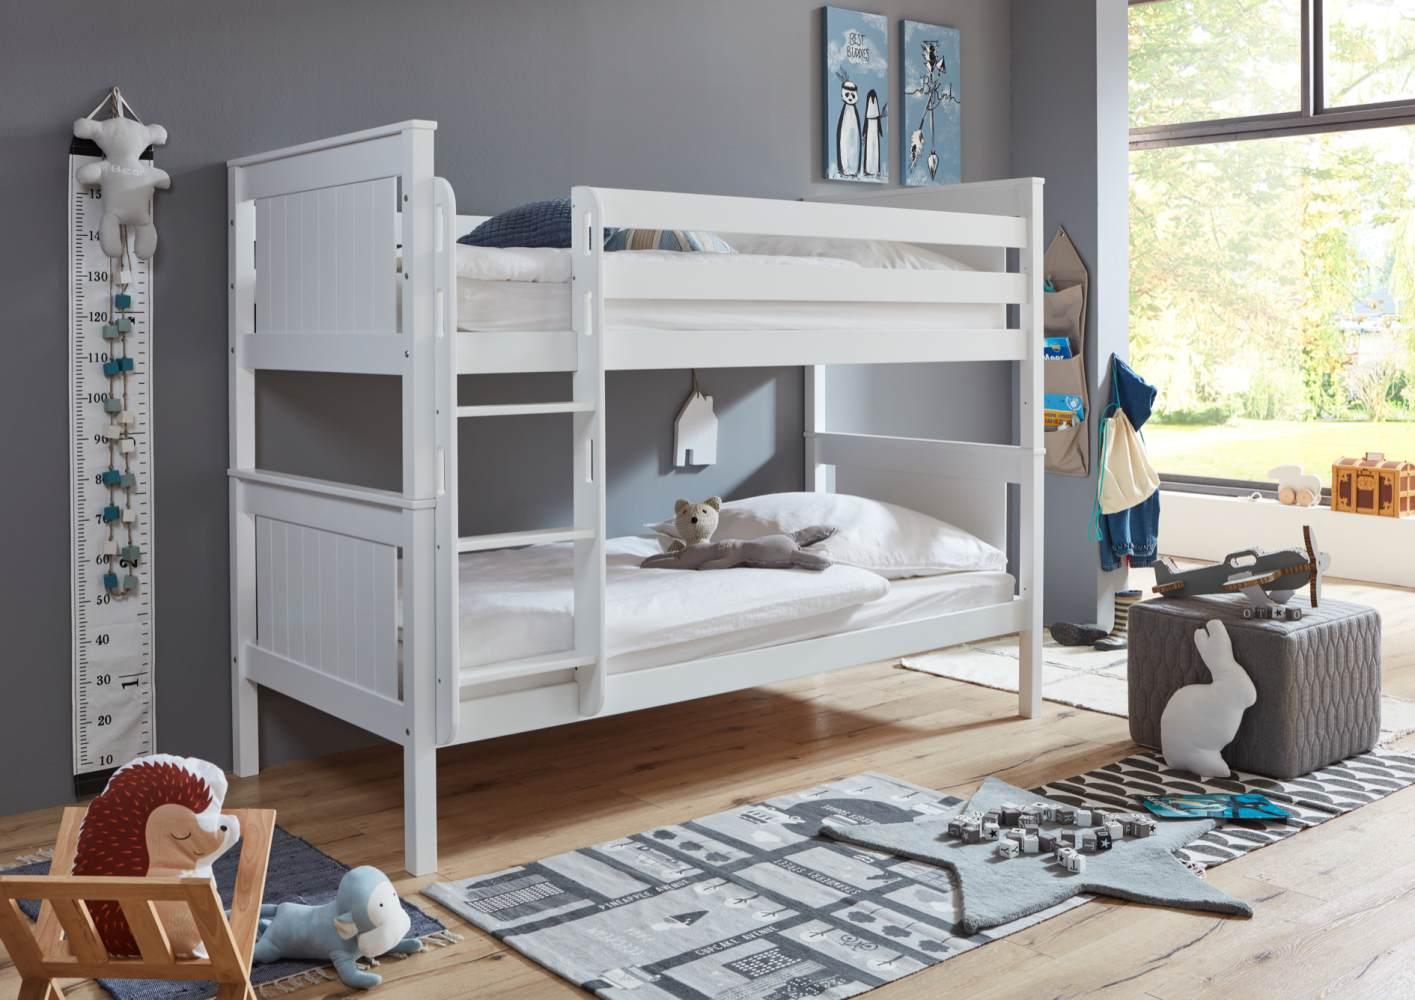 Relita Etagenbett Mia Kinderbett Weiß 90x200cm mit Leiter Bild 1